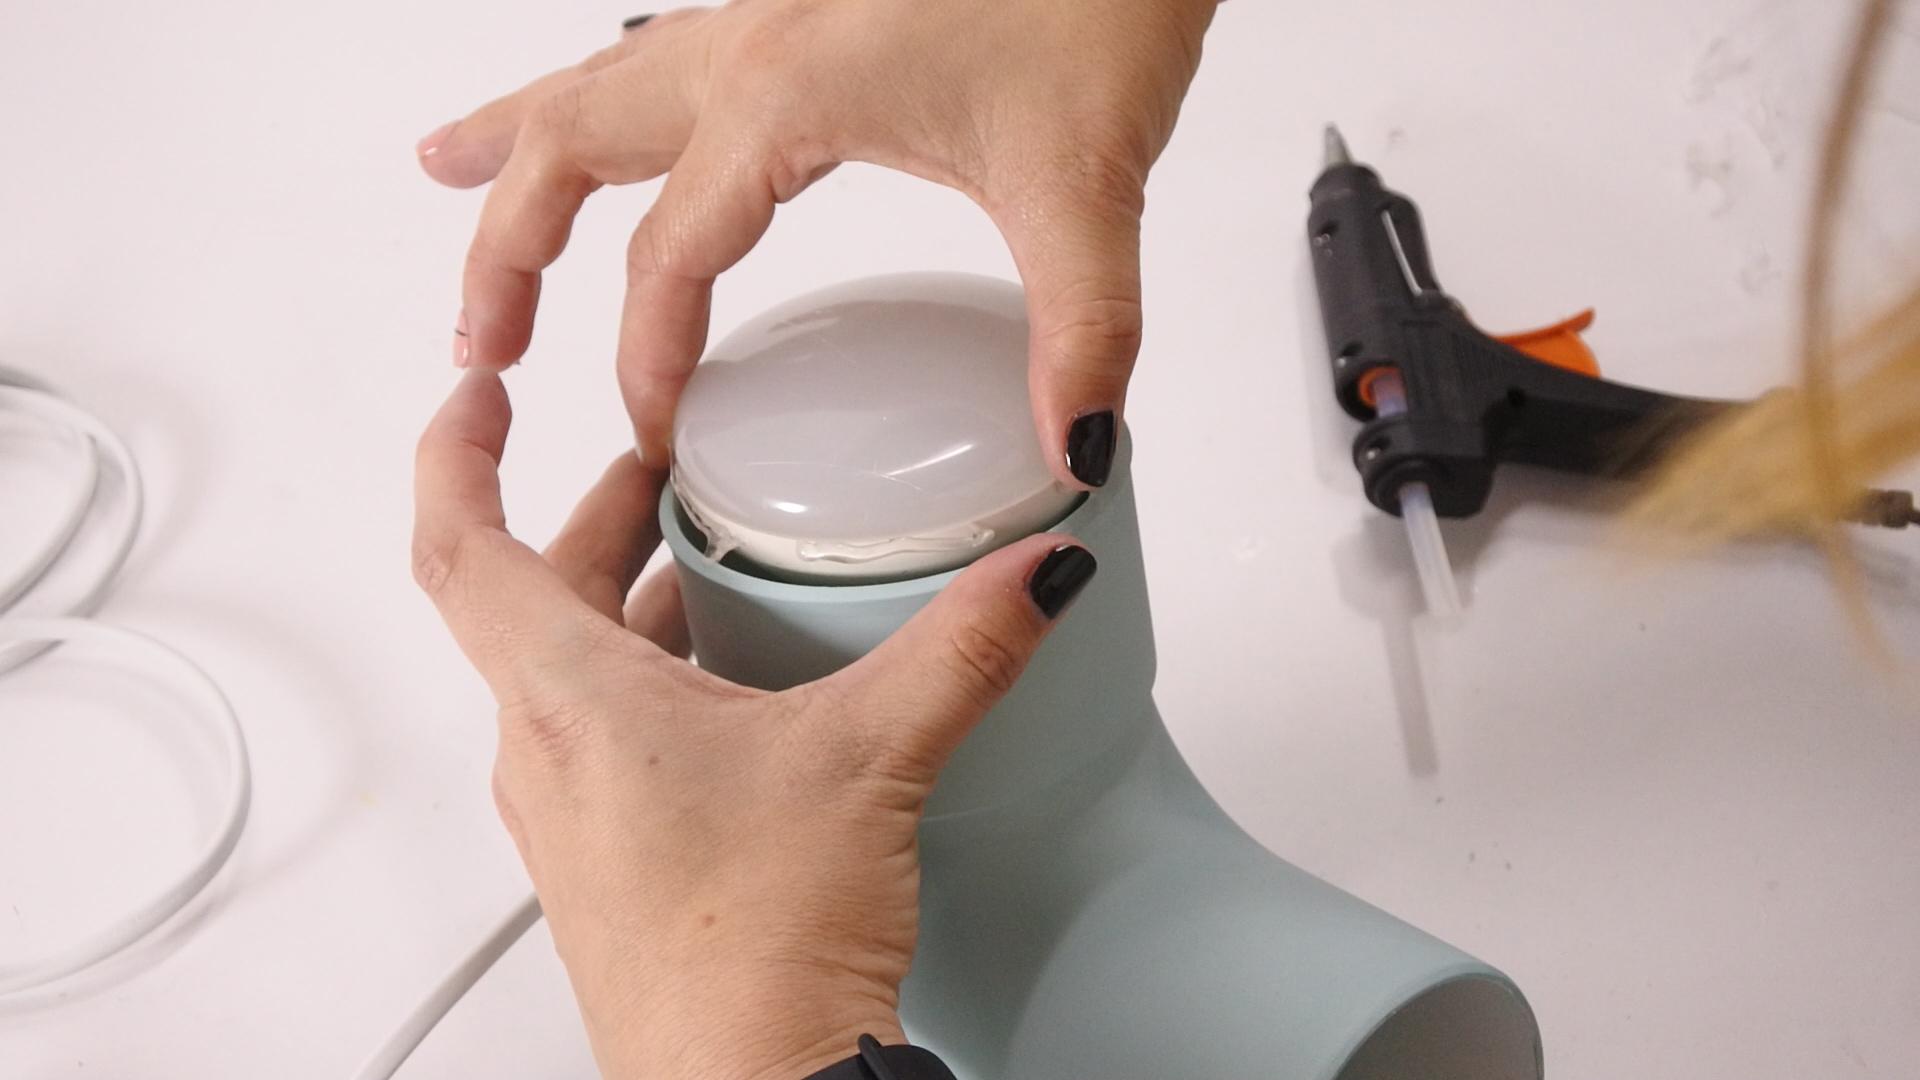 DIY CODOS PVC.Imagen fija023